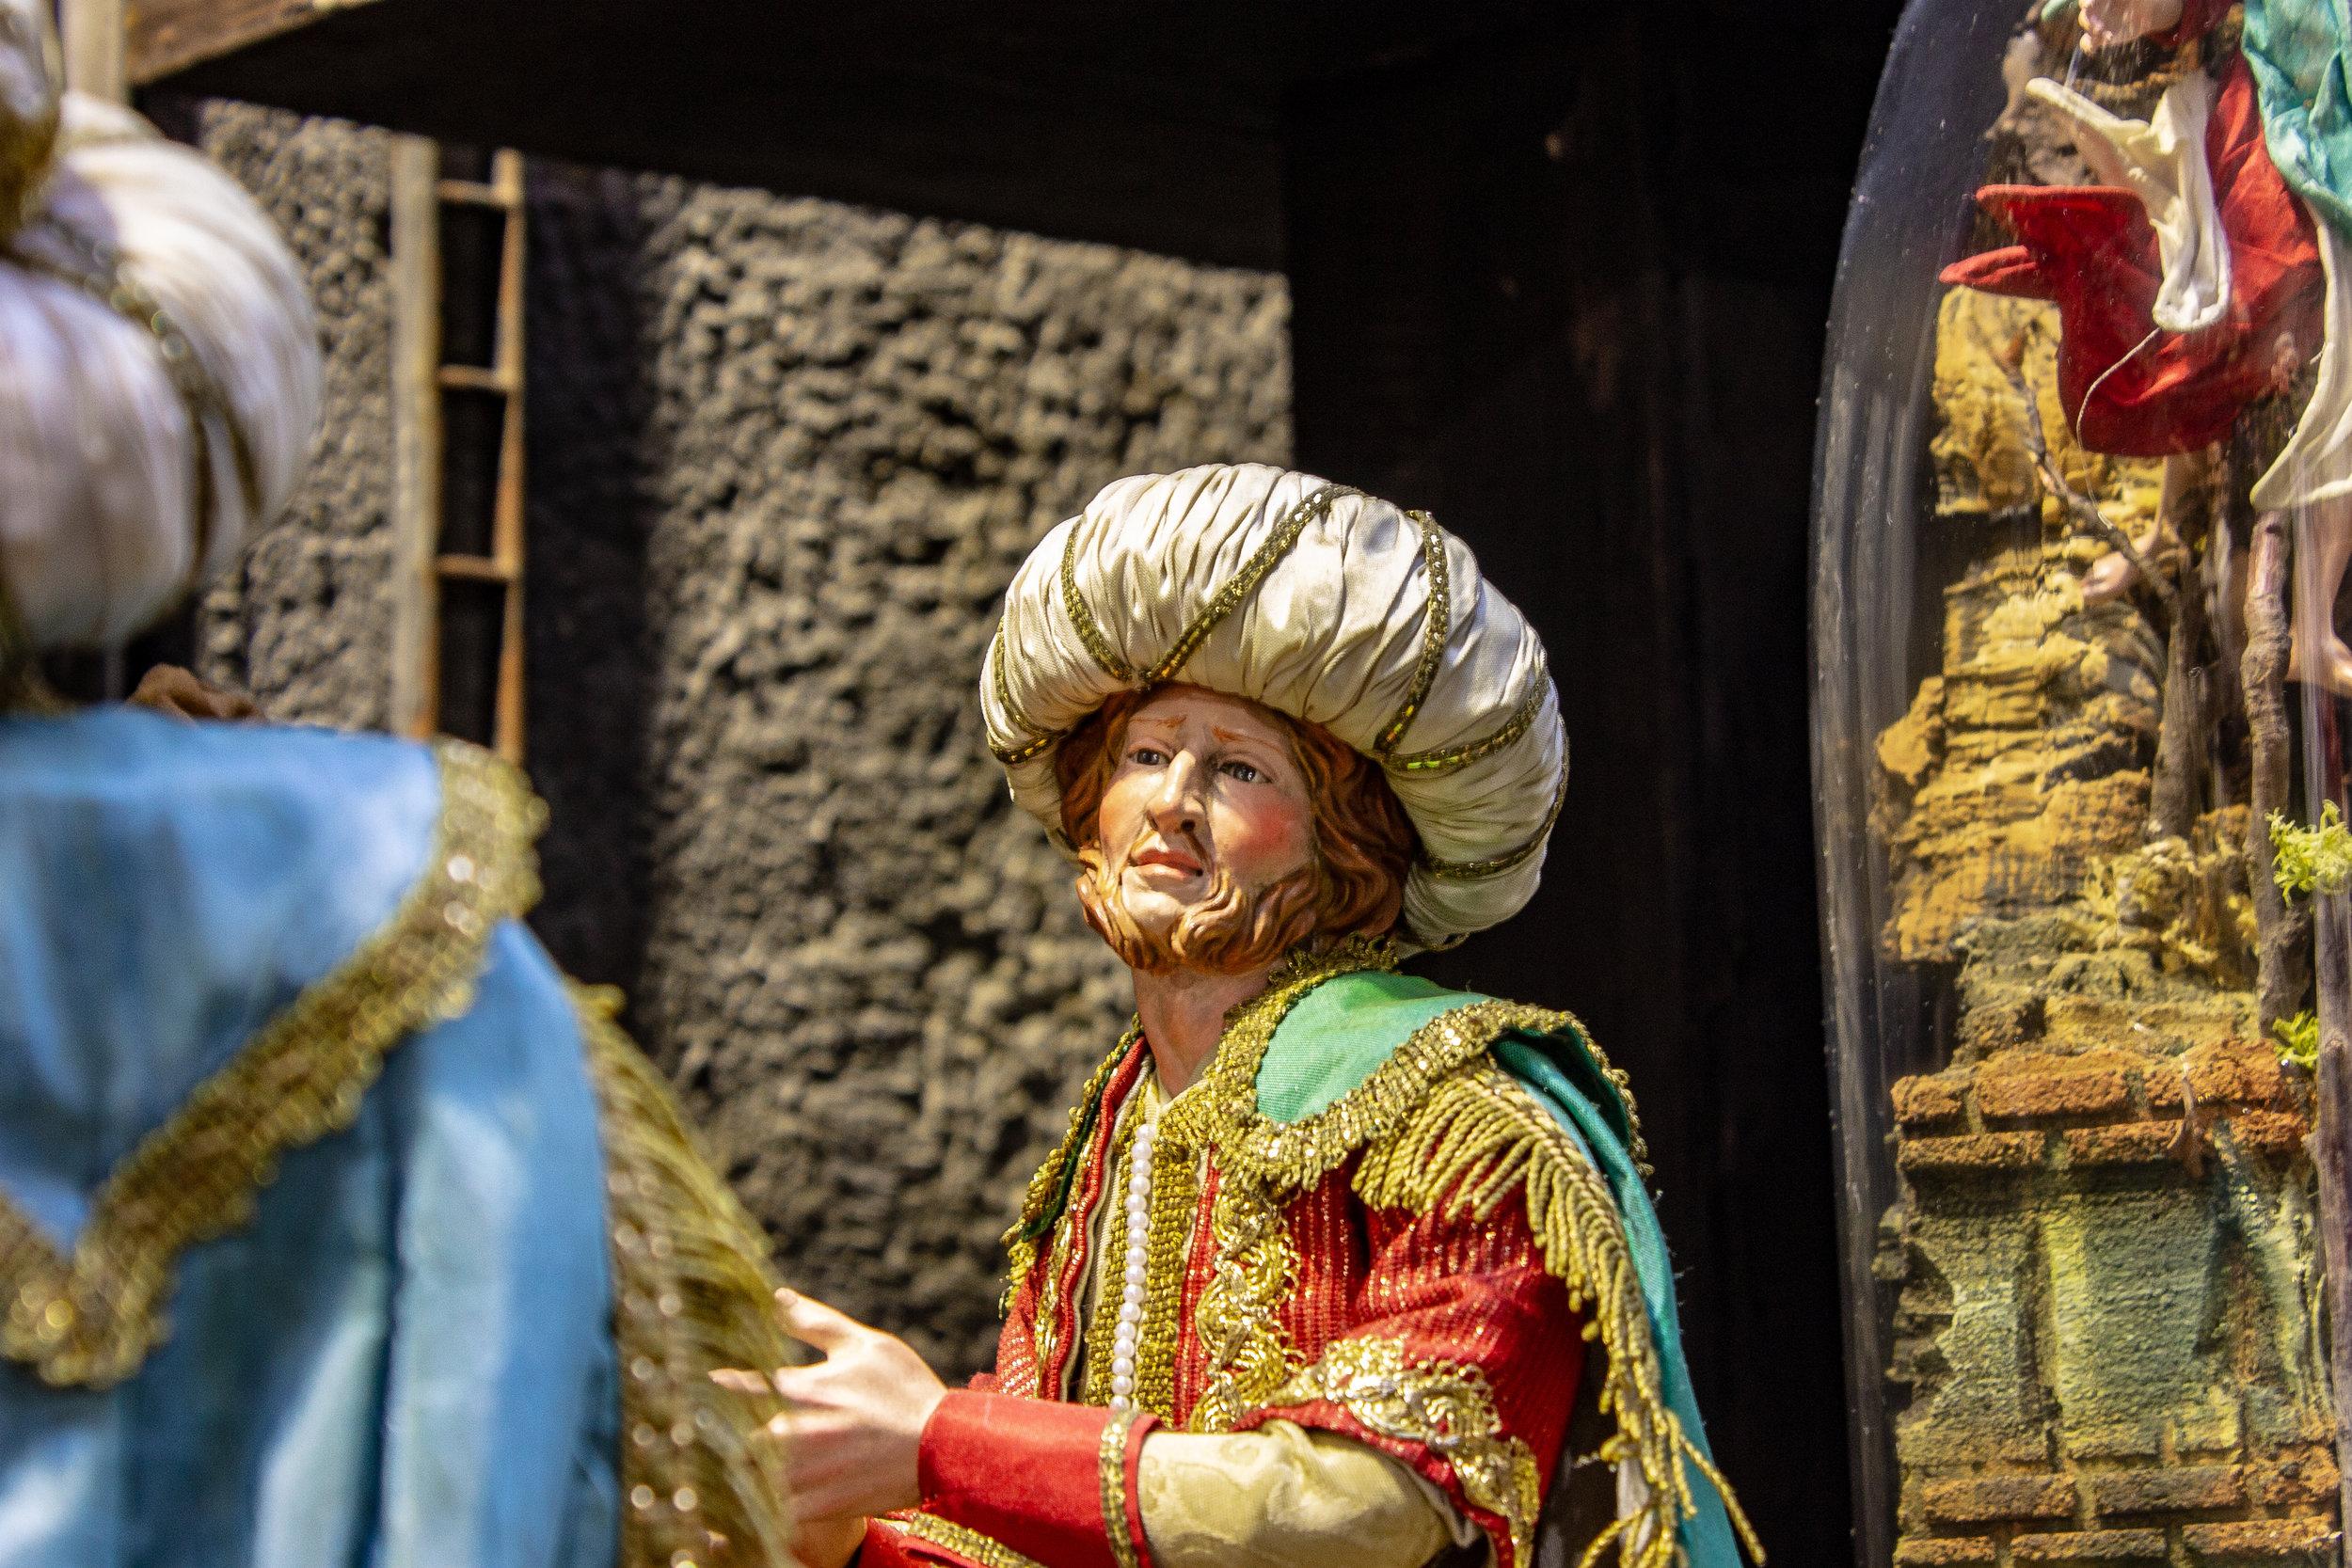 Statuina al mercato di San Gregorio Armeno